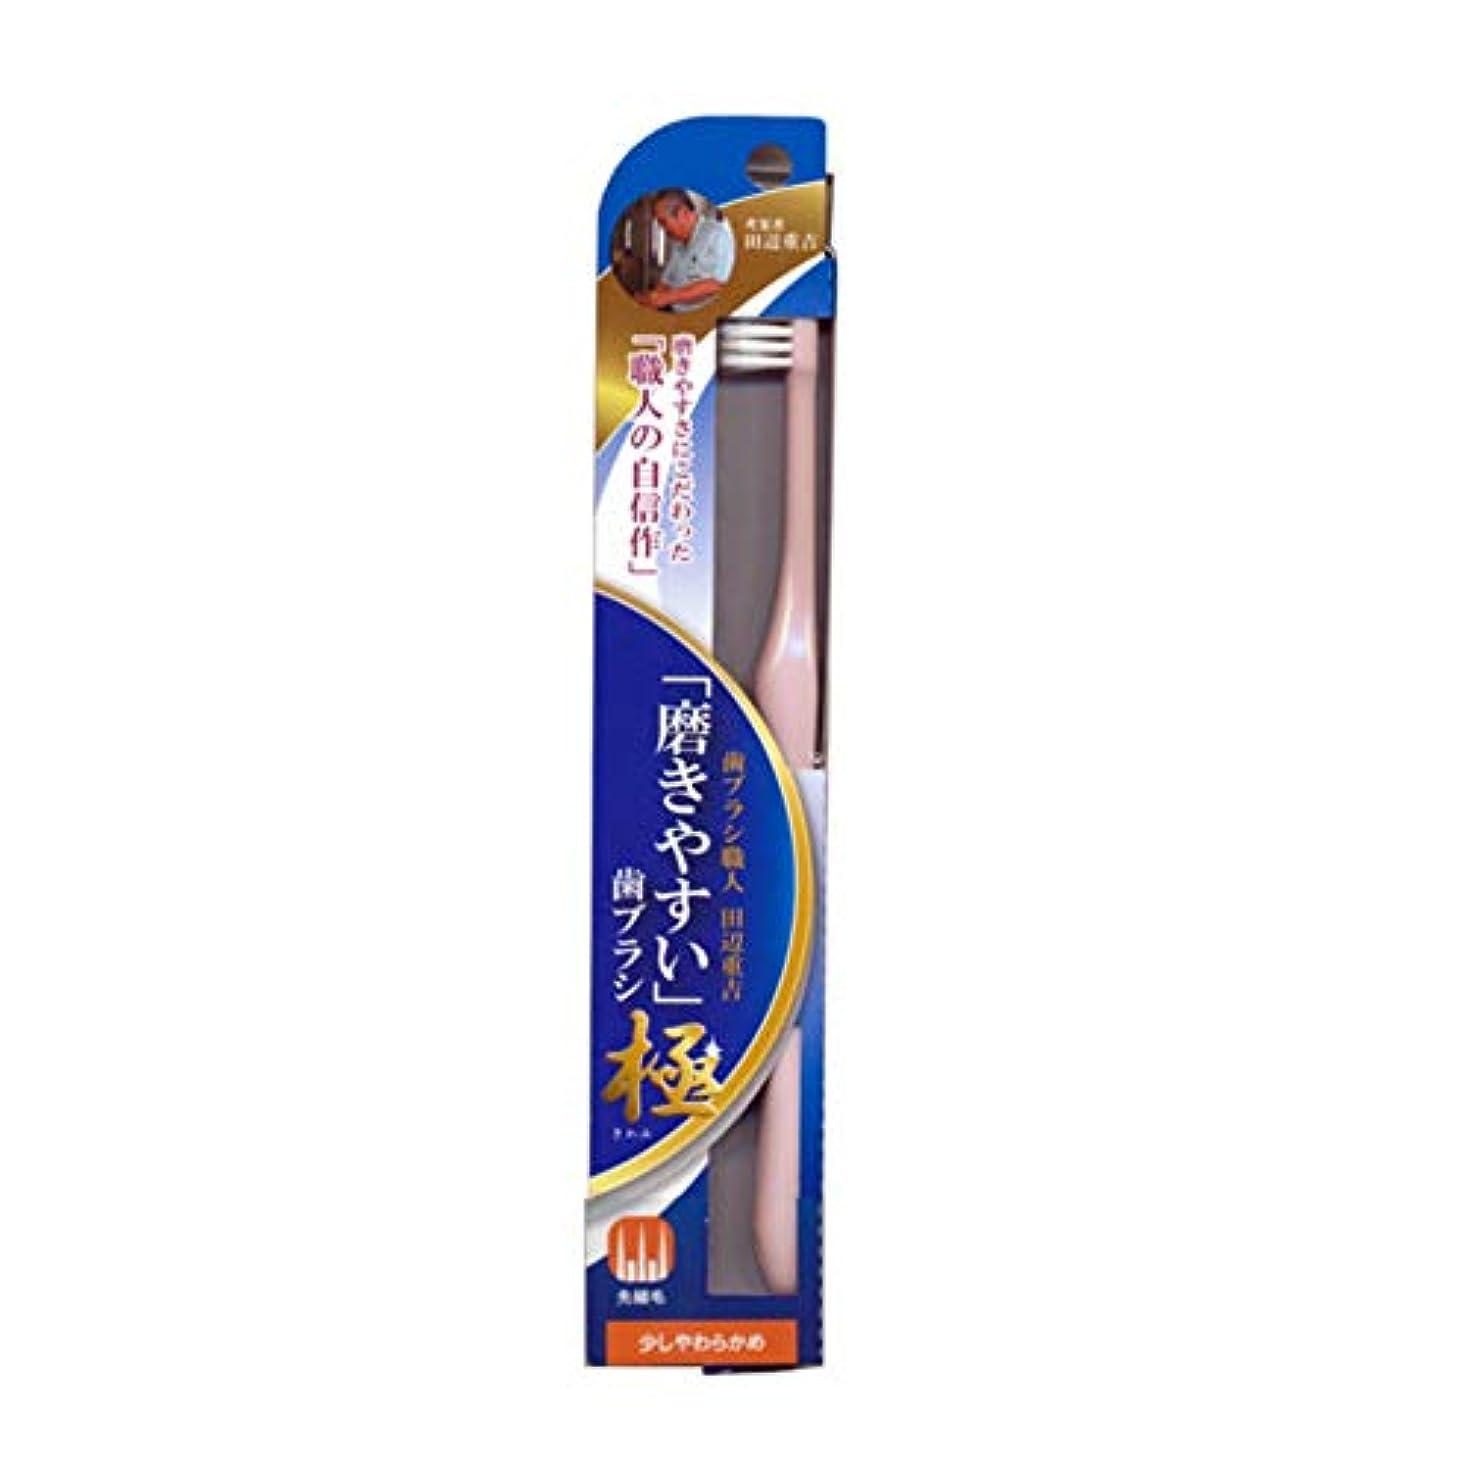 本質的ではないアプローチ疑問に思う磨きやすい歯ブラシ極 (少し柔らかめ) LT-43 先細毛(色選択不可)